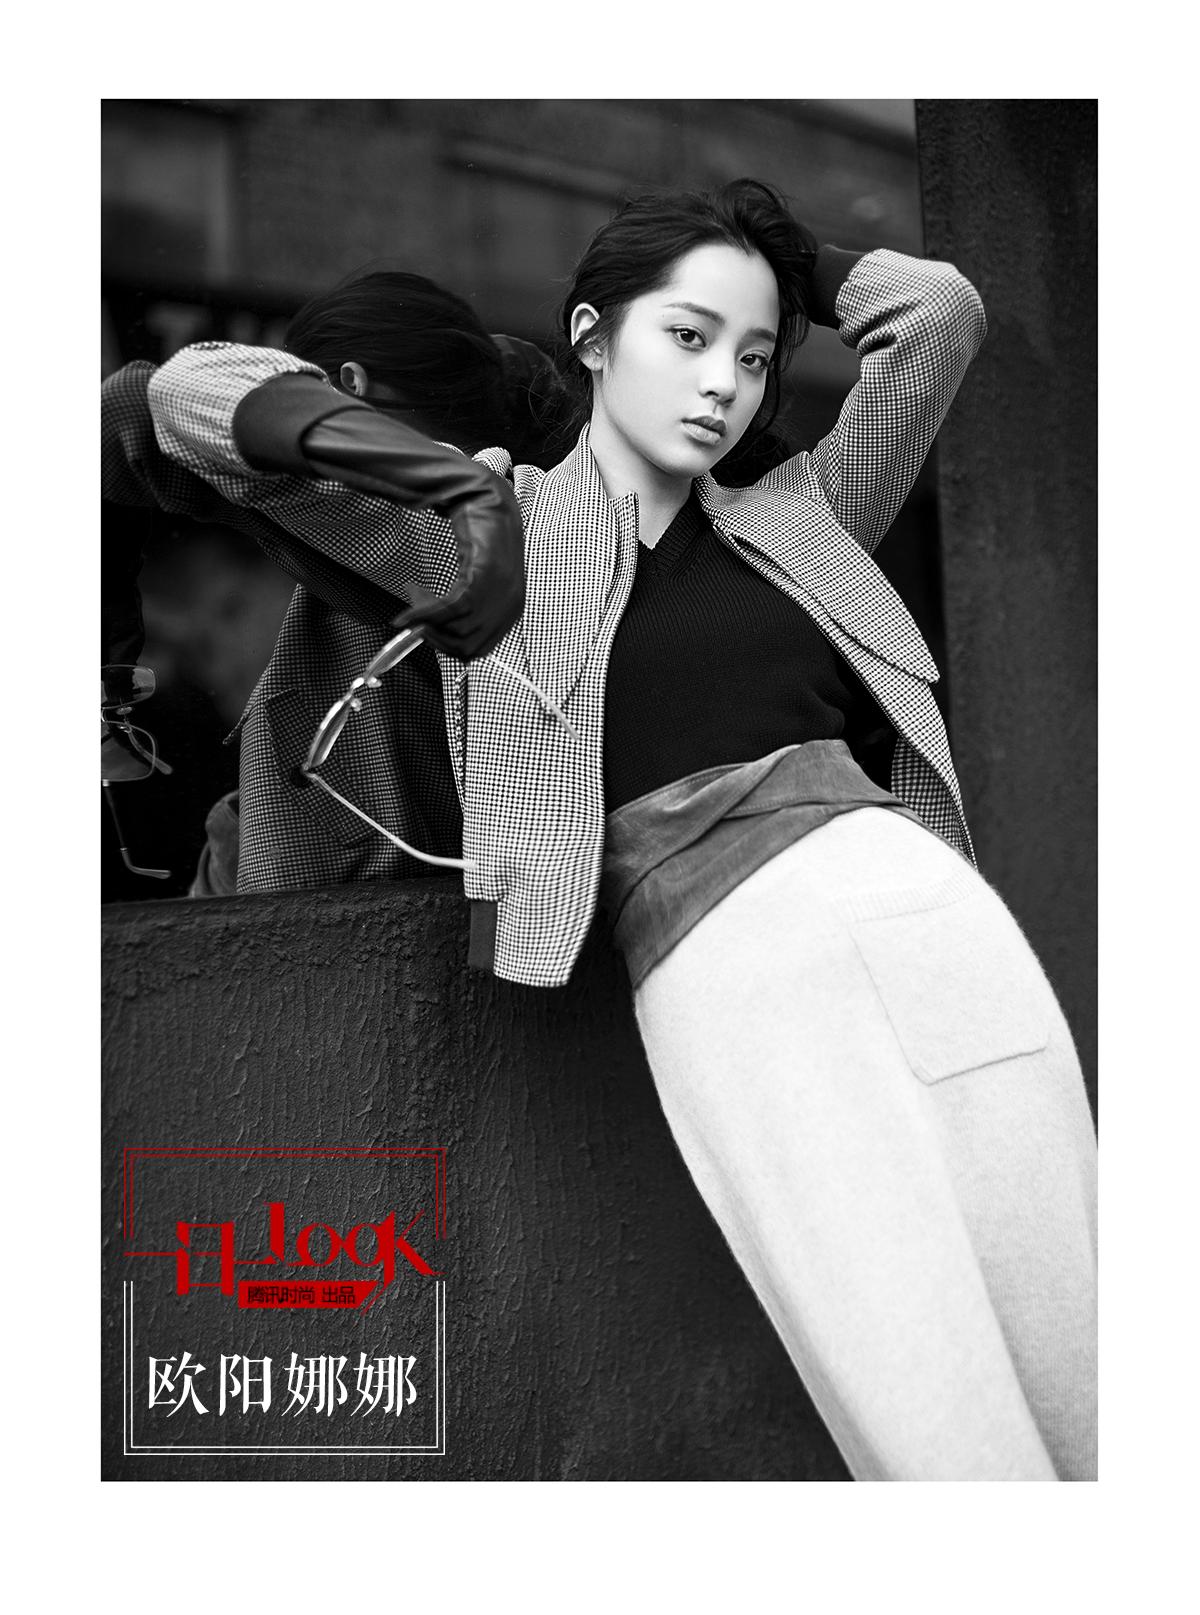 一日一look 皮手套搭配格纹夹克 欧阳娜娜演绎不一样的复古摩登女郎